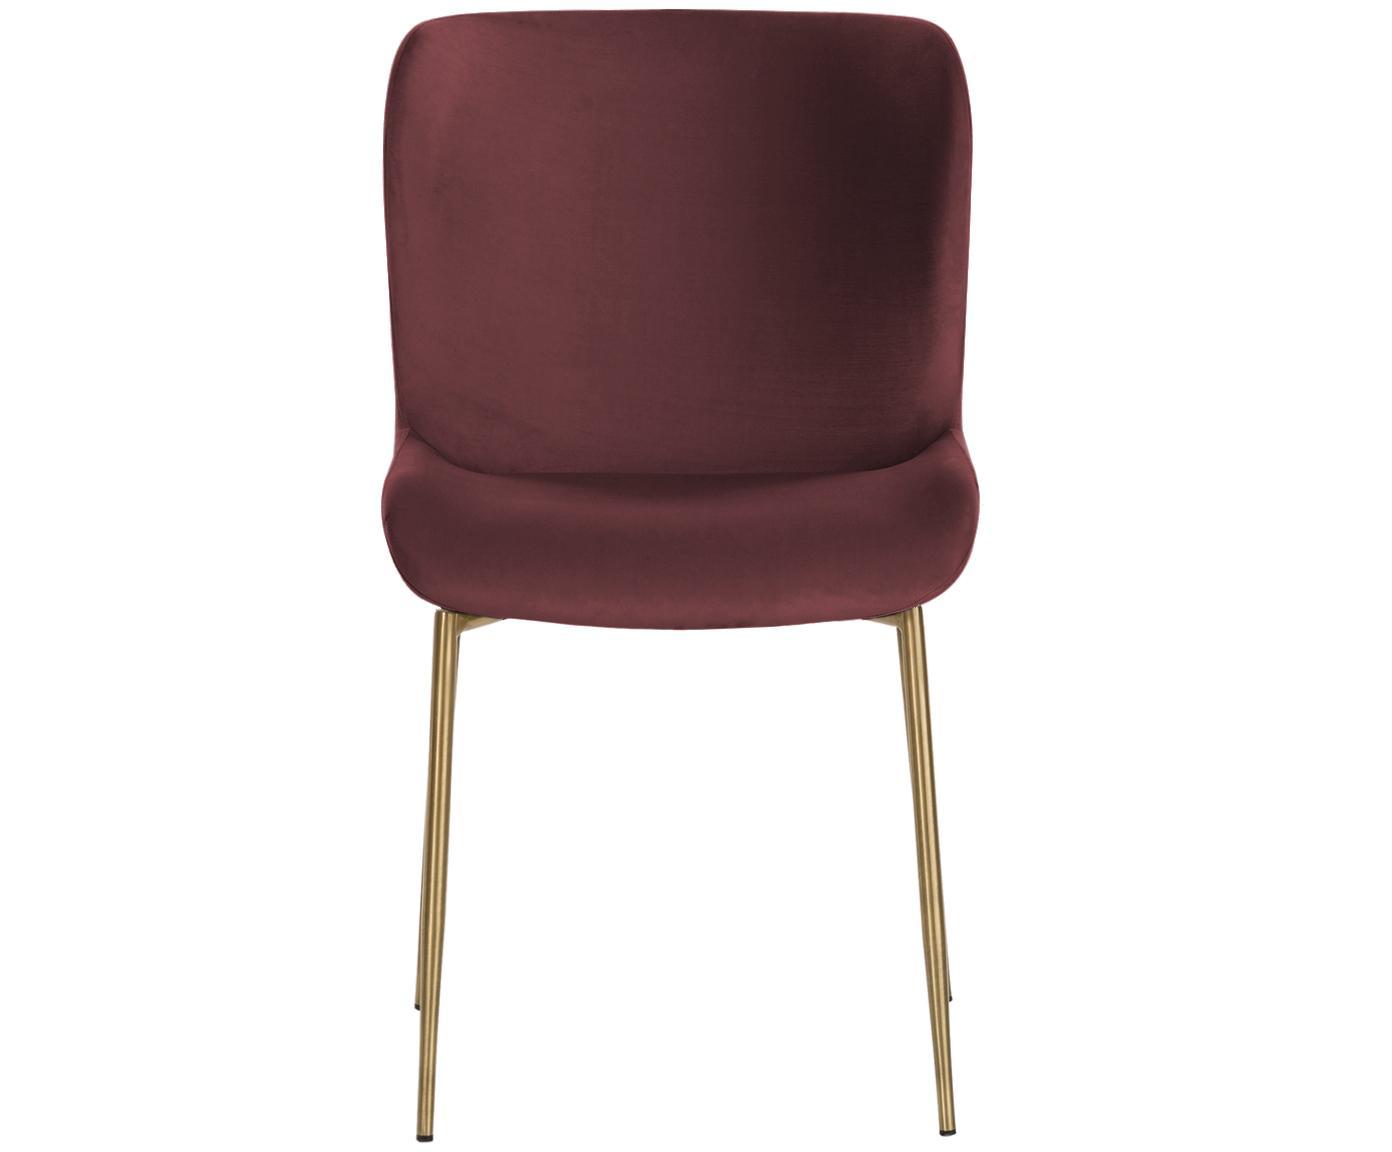 Chaise velours rembourré Tess, Velours bordeaux, pieds or